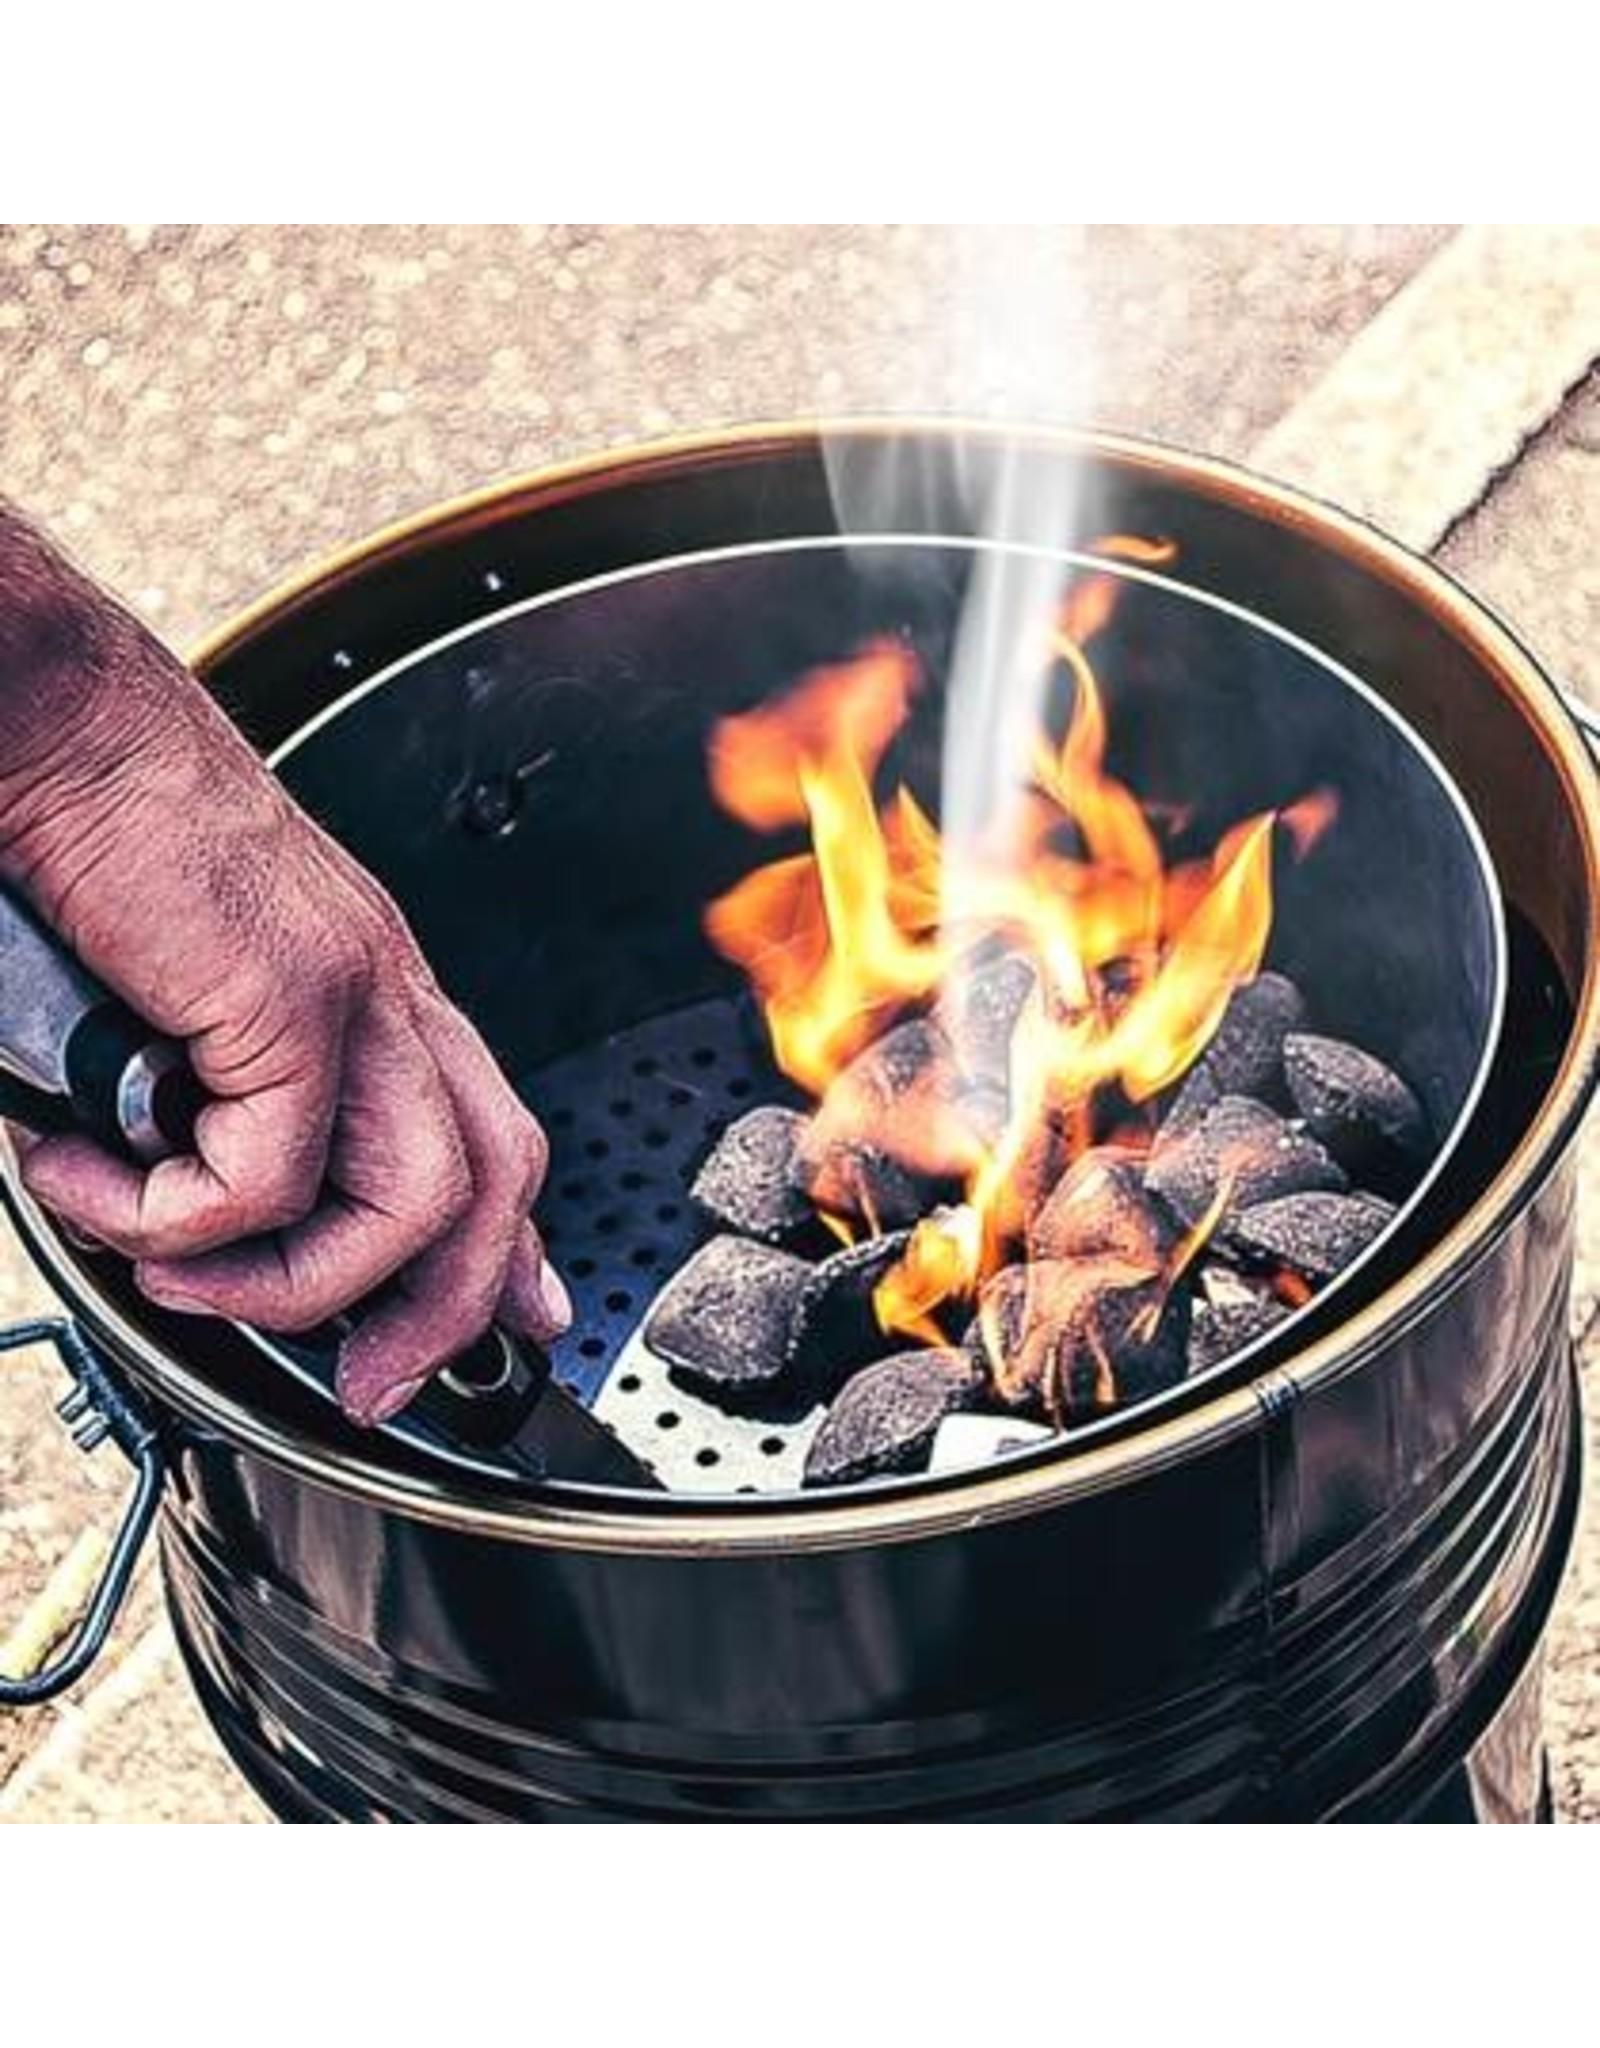 BarrelQ Der BarrelQ Notorious Small Grill 60 Liter Holzkohlegrill, Feuerstelle, und Tischplatte, Mit Schutzhülle